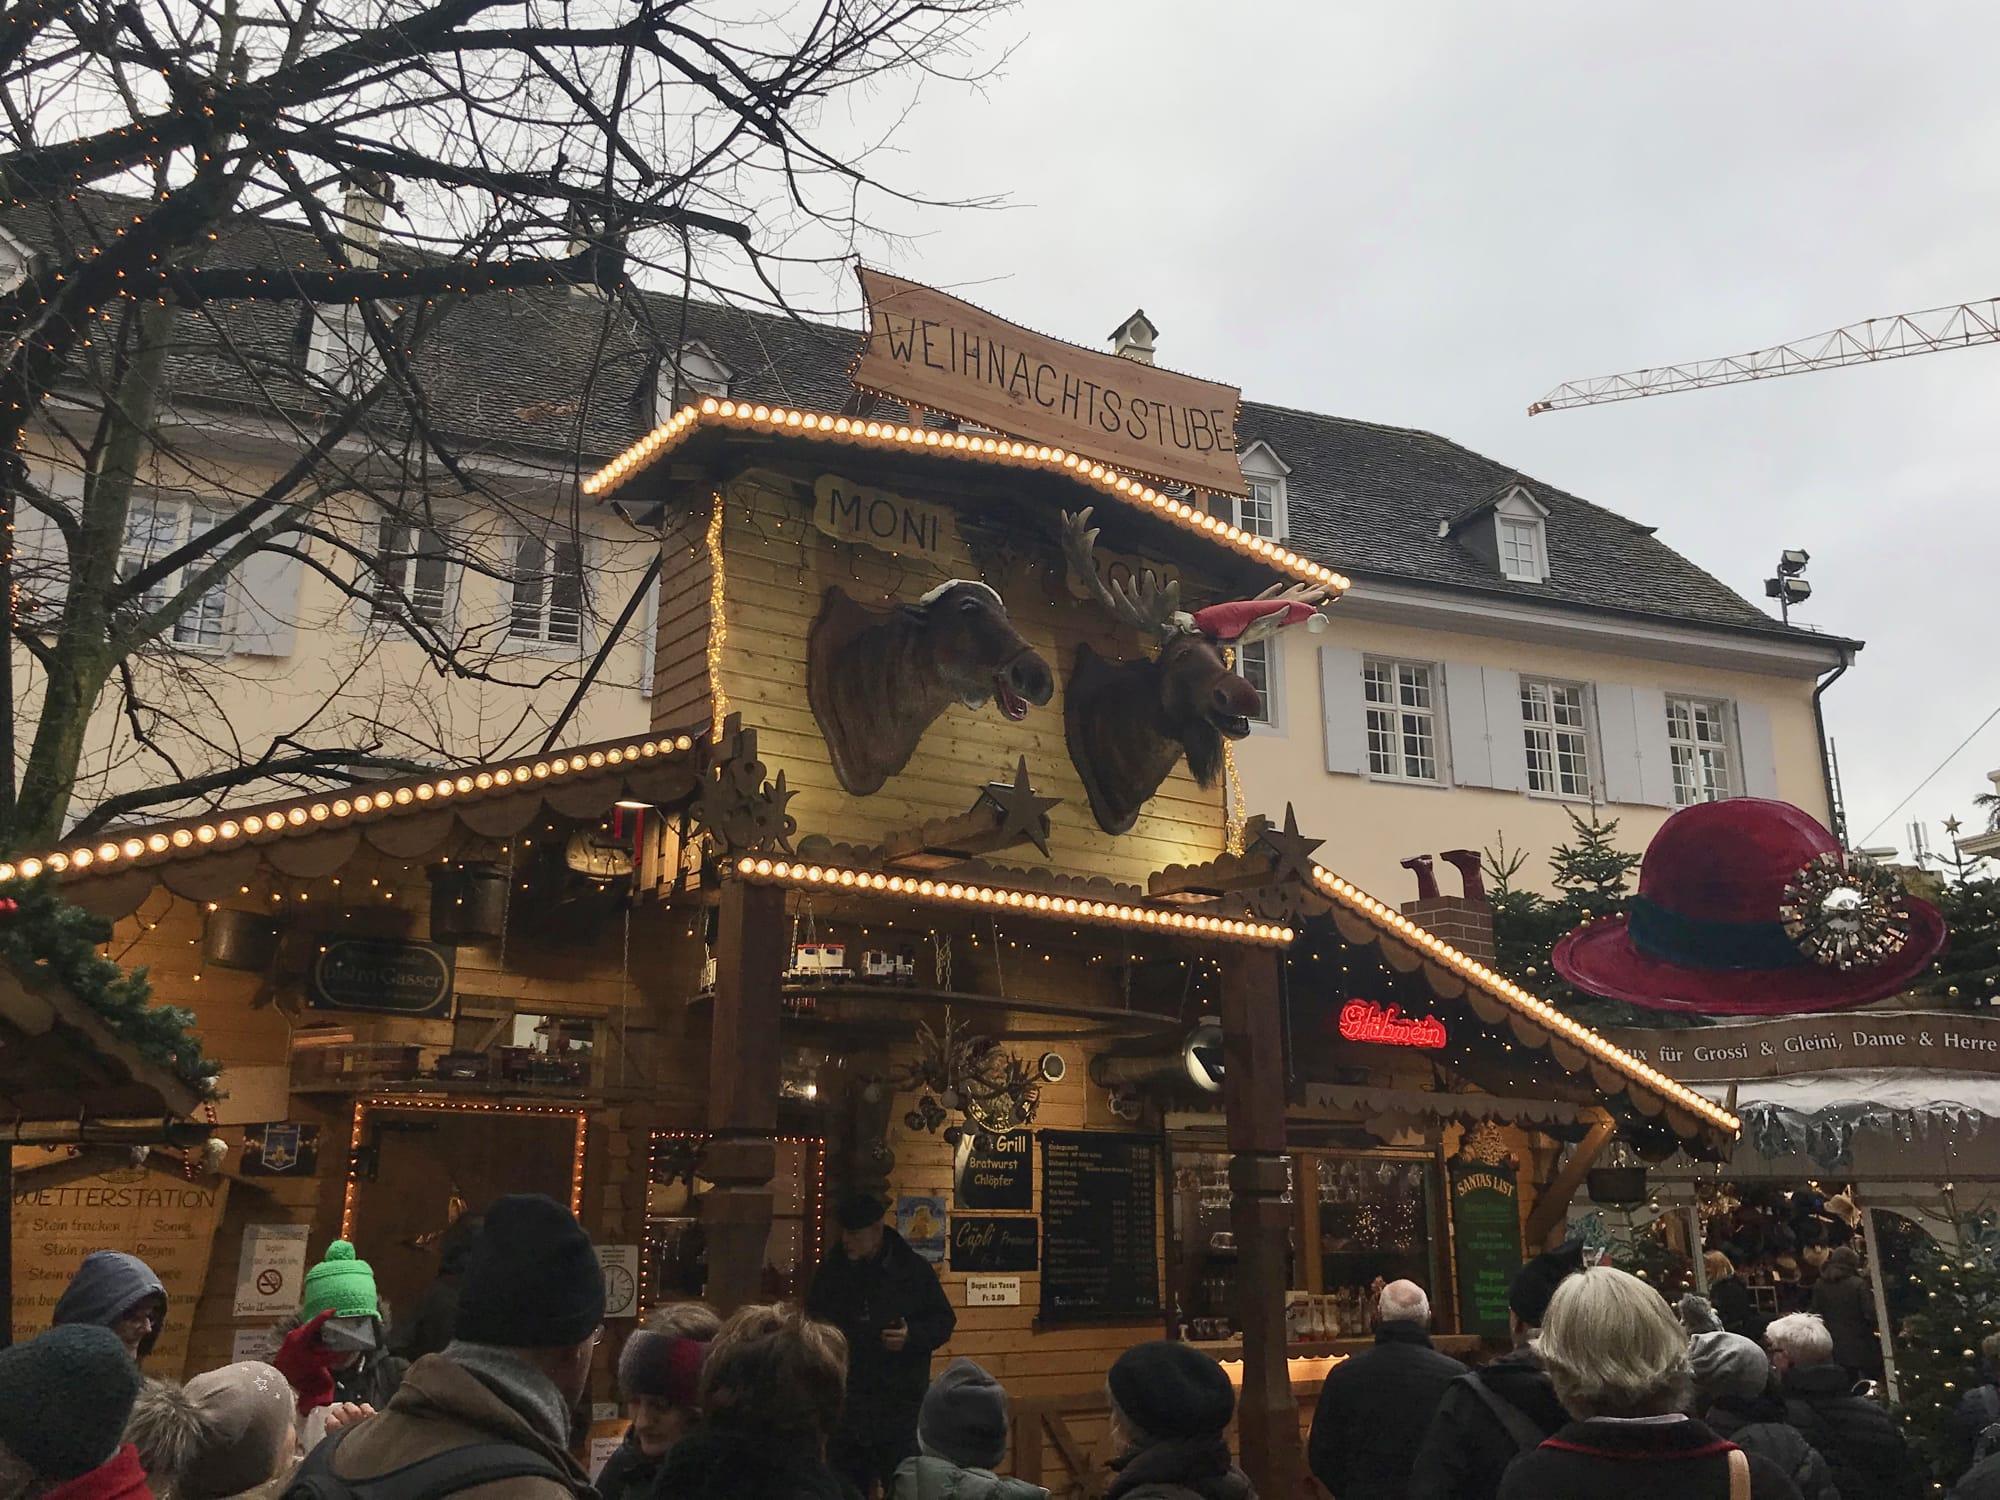 Le originali casette dei mercatini di Natale di Basilea